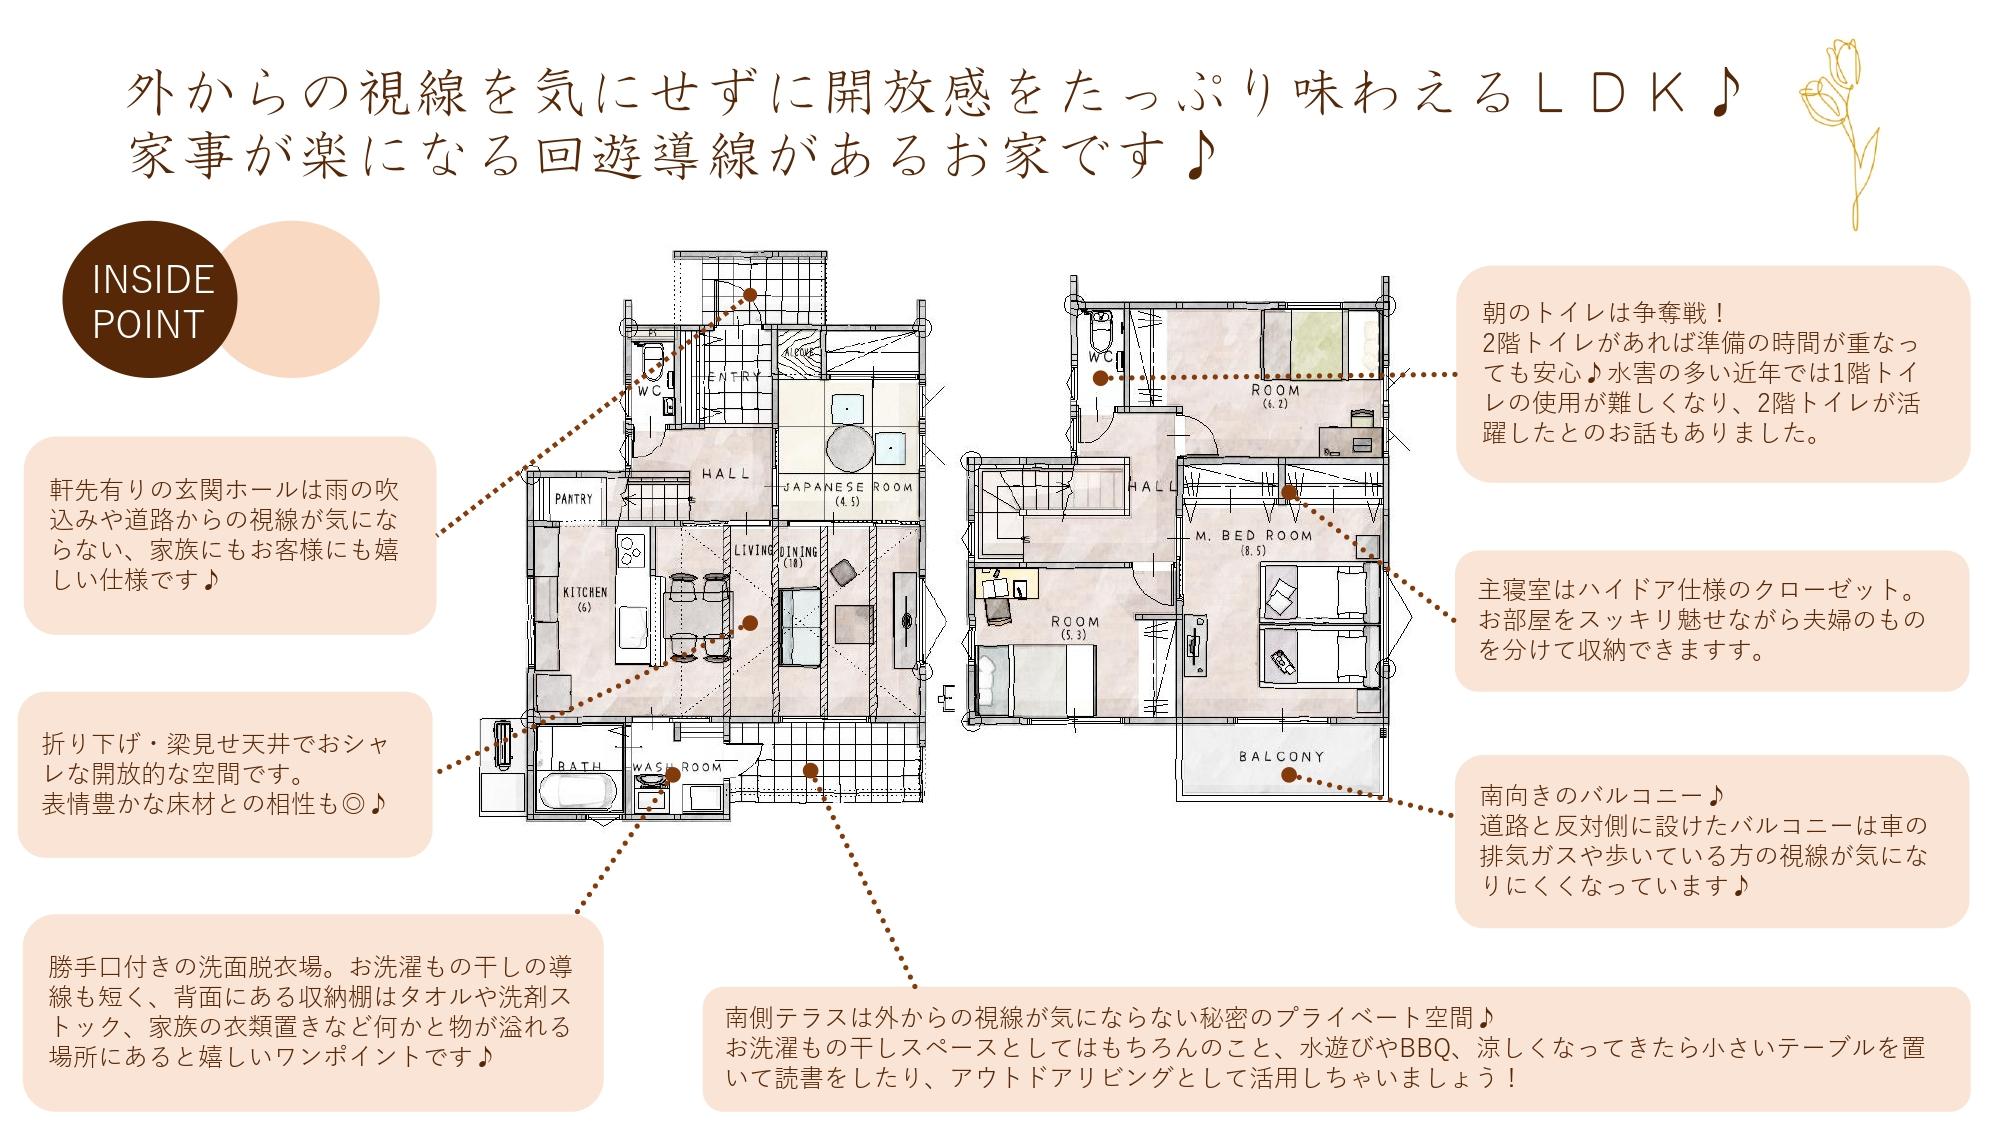 佐賀市新築建売住宅「OURS神園1号地」INSIDE POINT